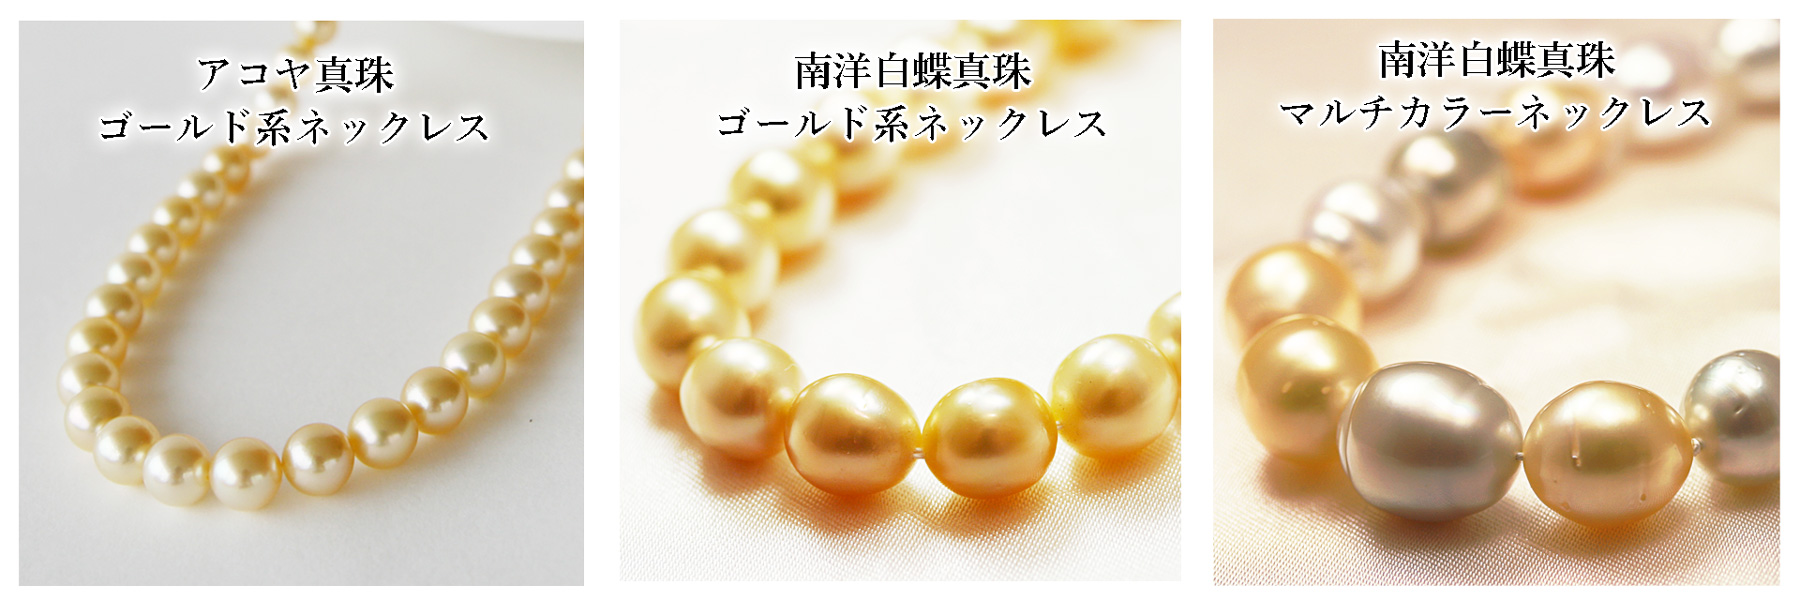 ゴールド系パールネックレス各種類の一覧